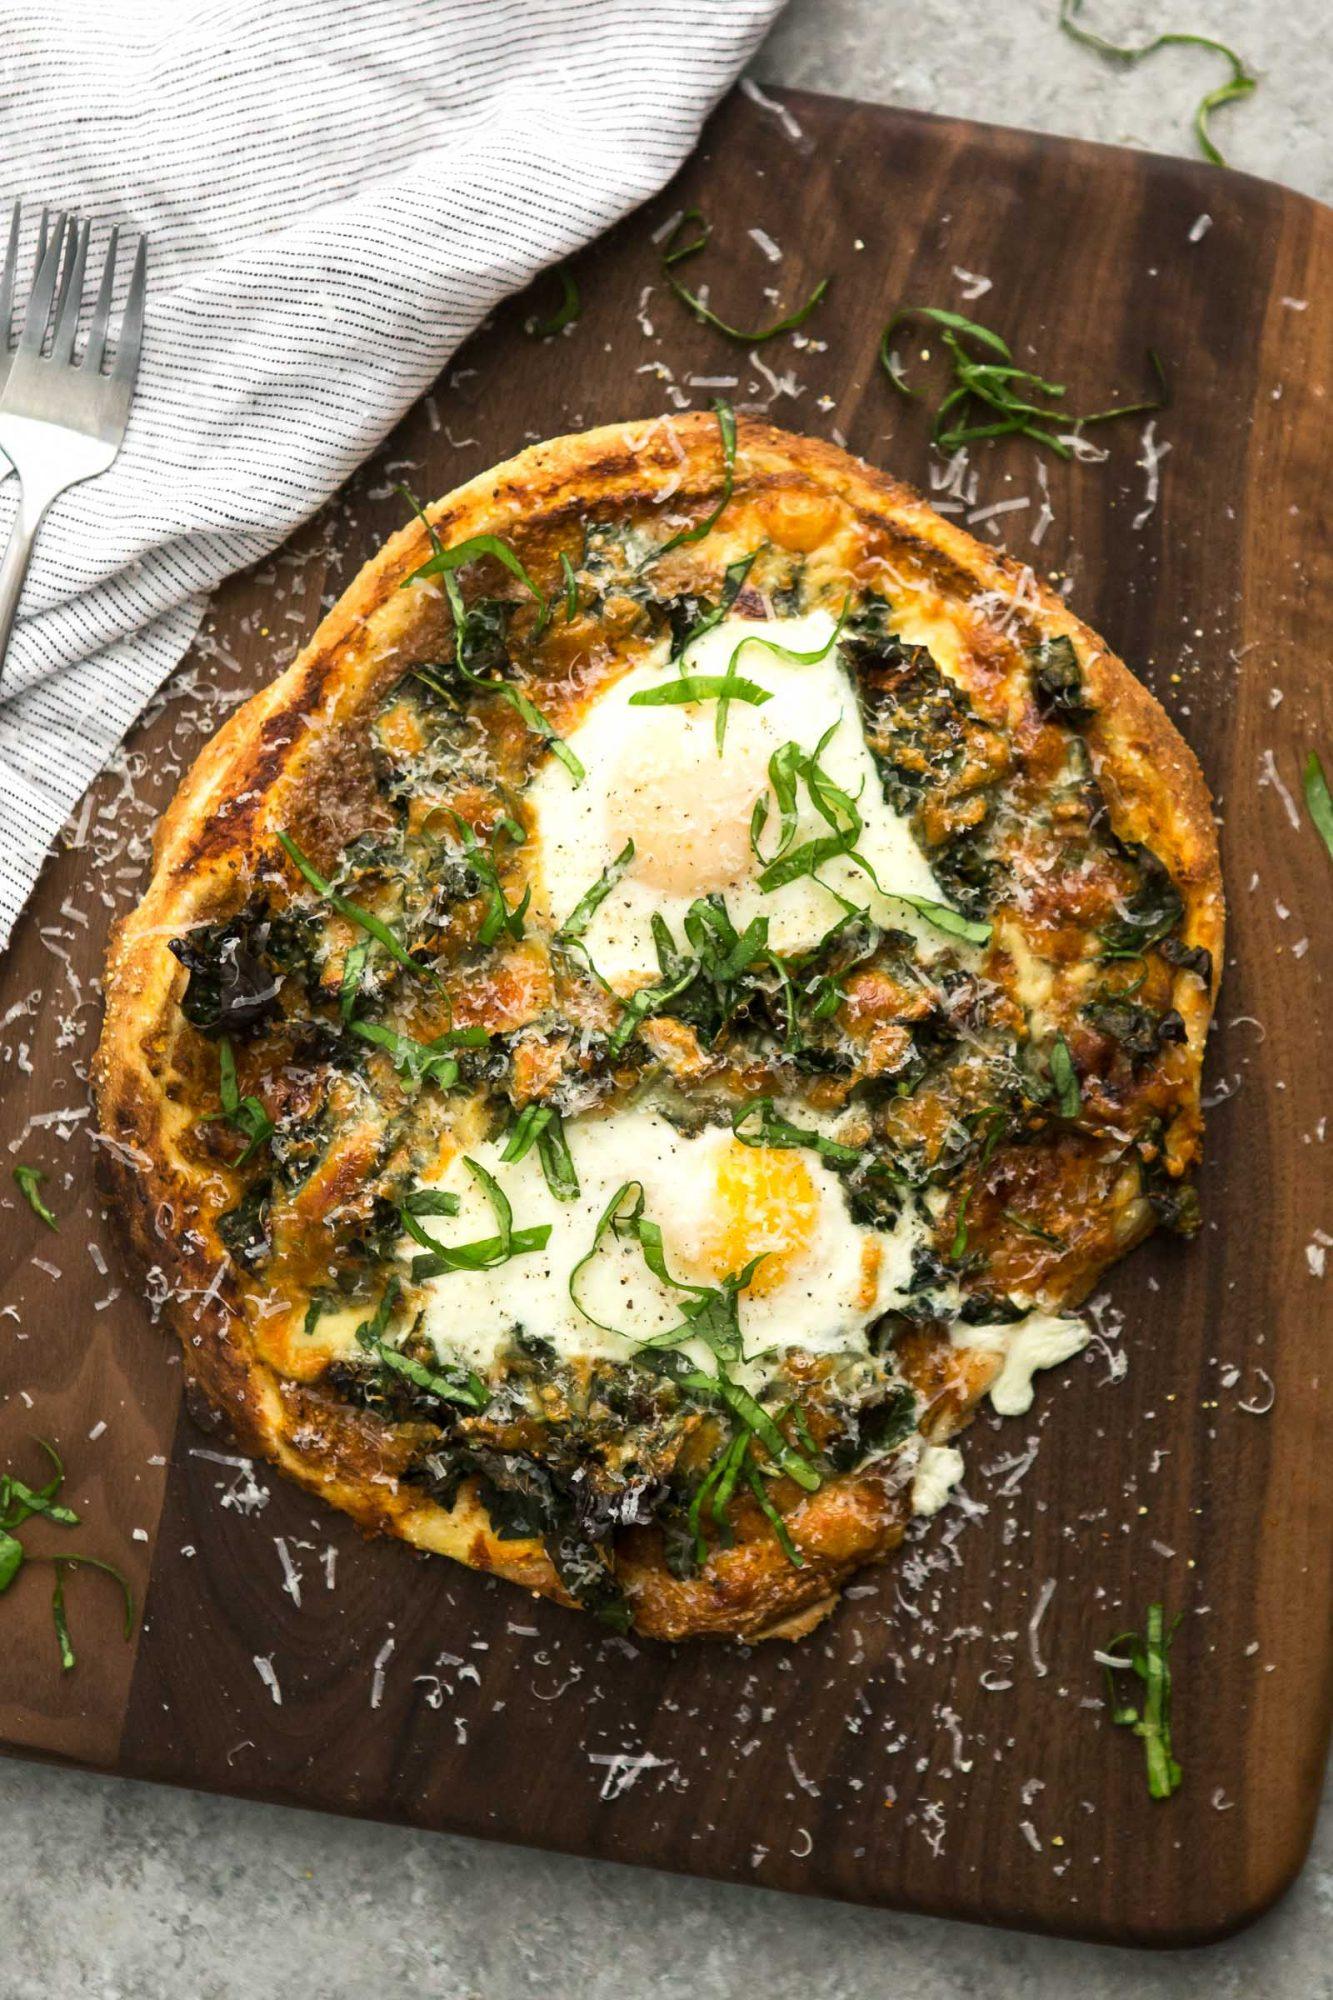 garlicky_kale_pizza_eggs.jpg